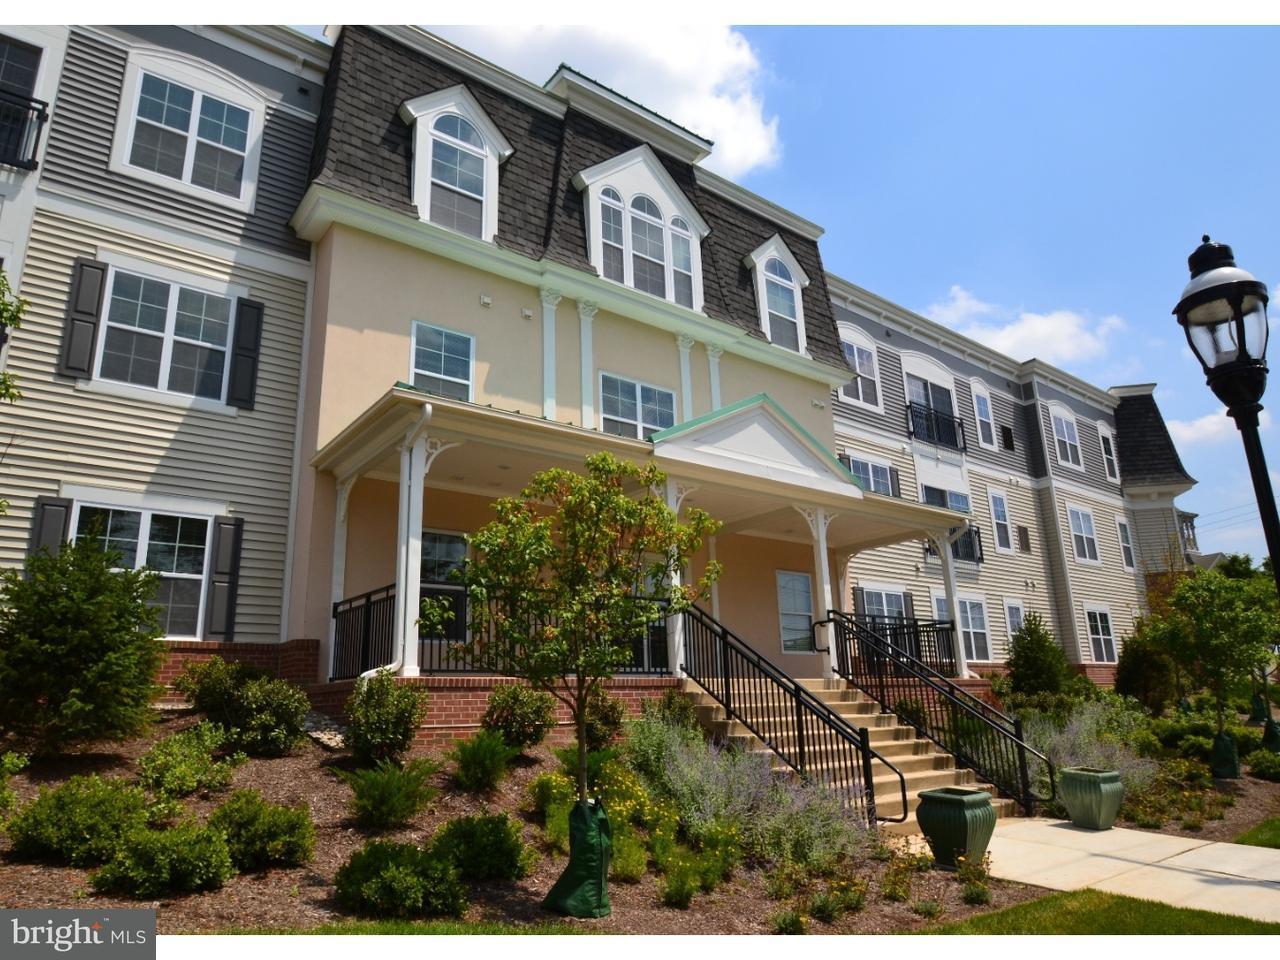 Maison unifamiliale pour l à louer à 131 N MAIN ST #4 Chalfont, Pennsylvanie 18914 États-Unis